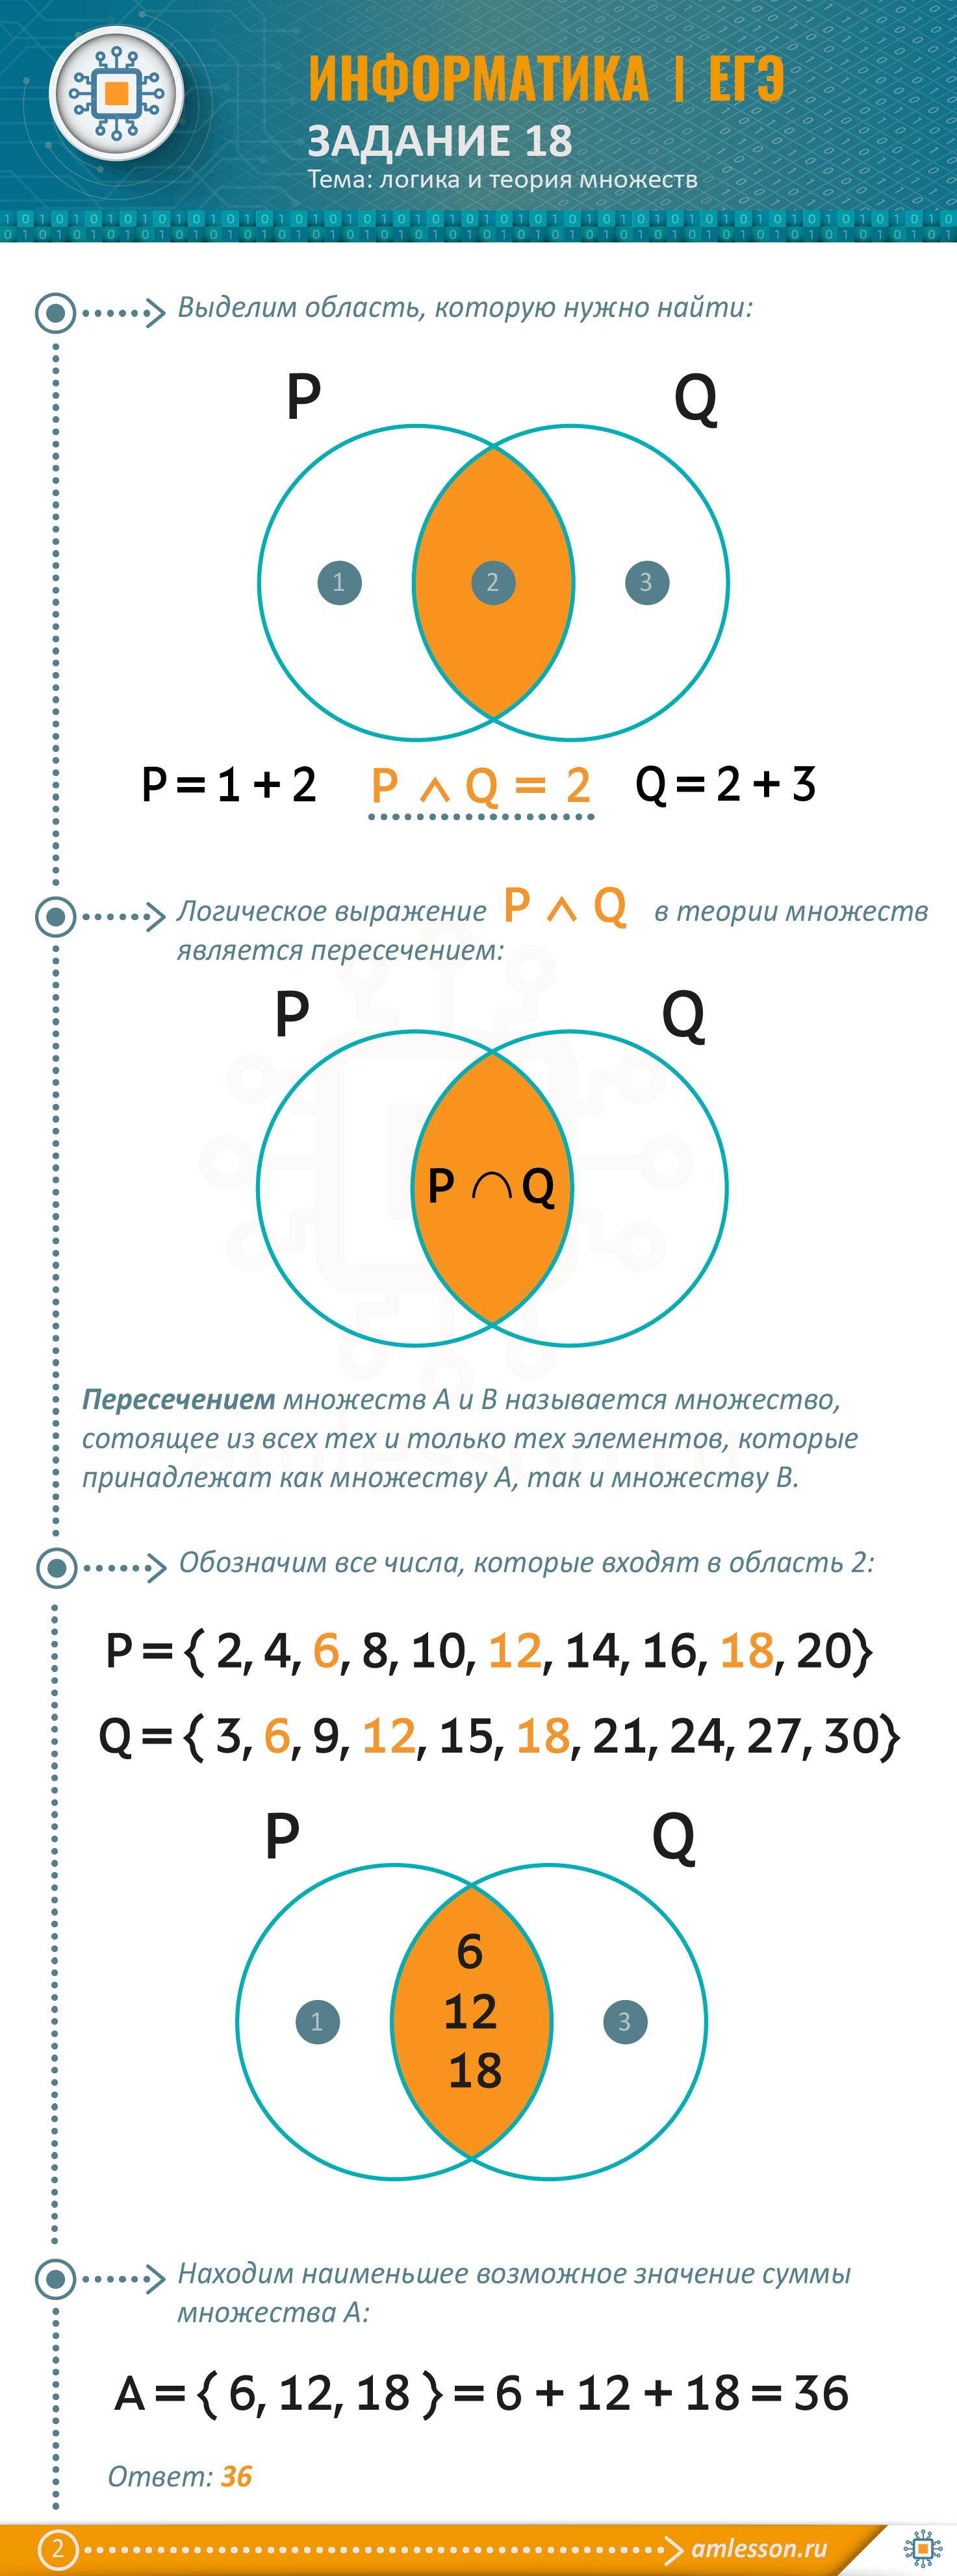 ЕГЭ по информатике задание 18. Тема: логика и теория множеств